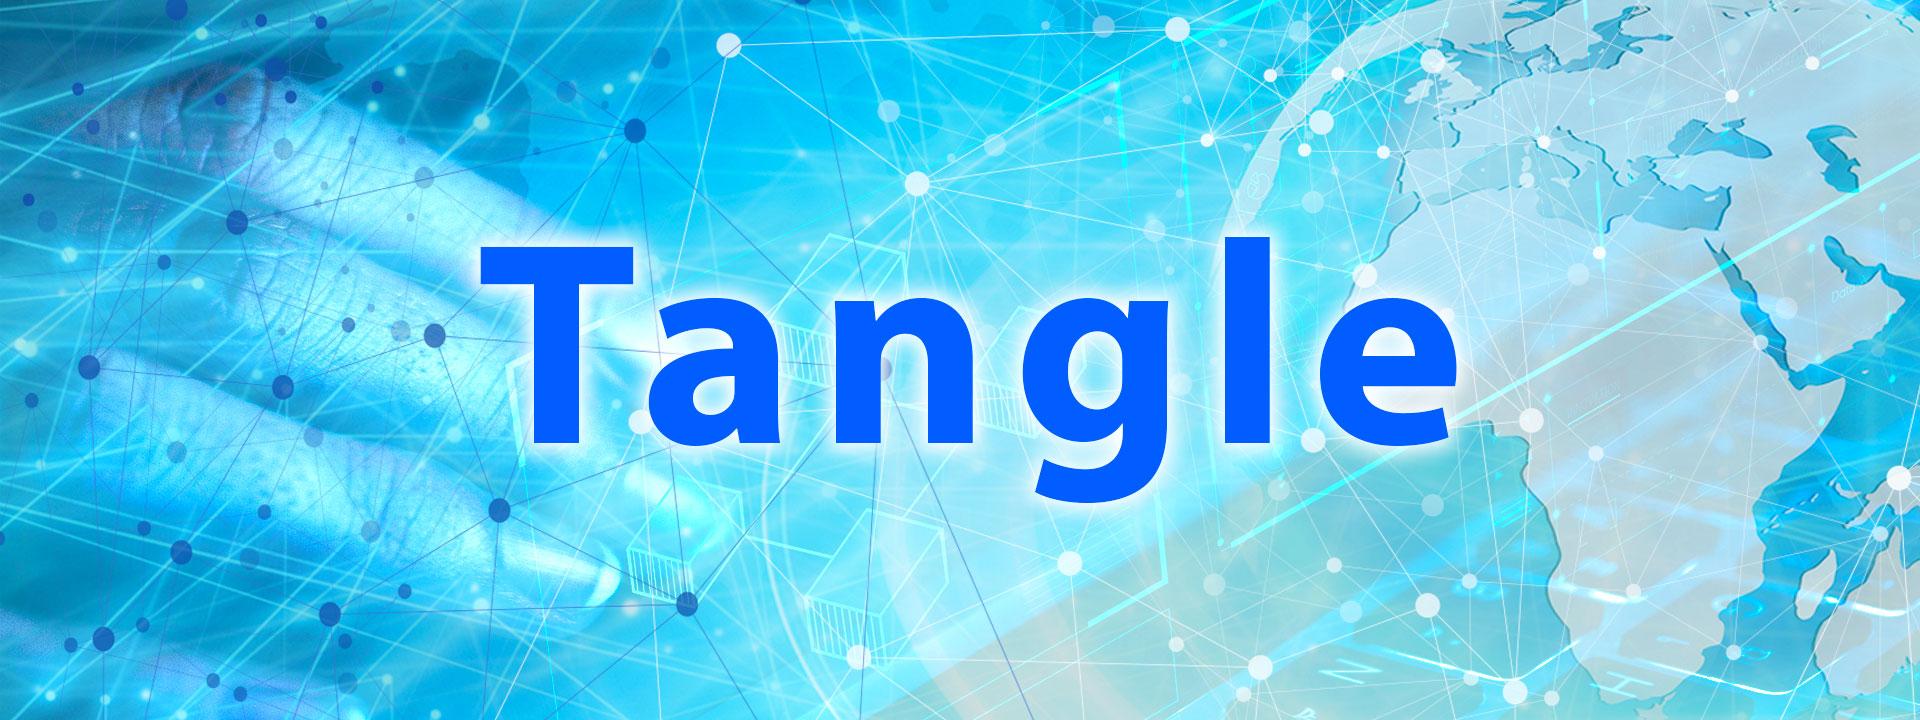 tangle - artech digital - 03